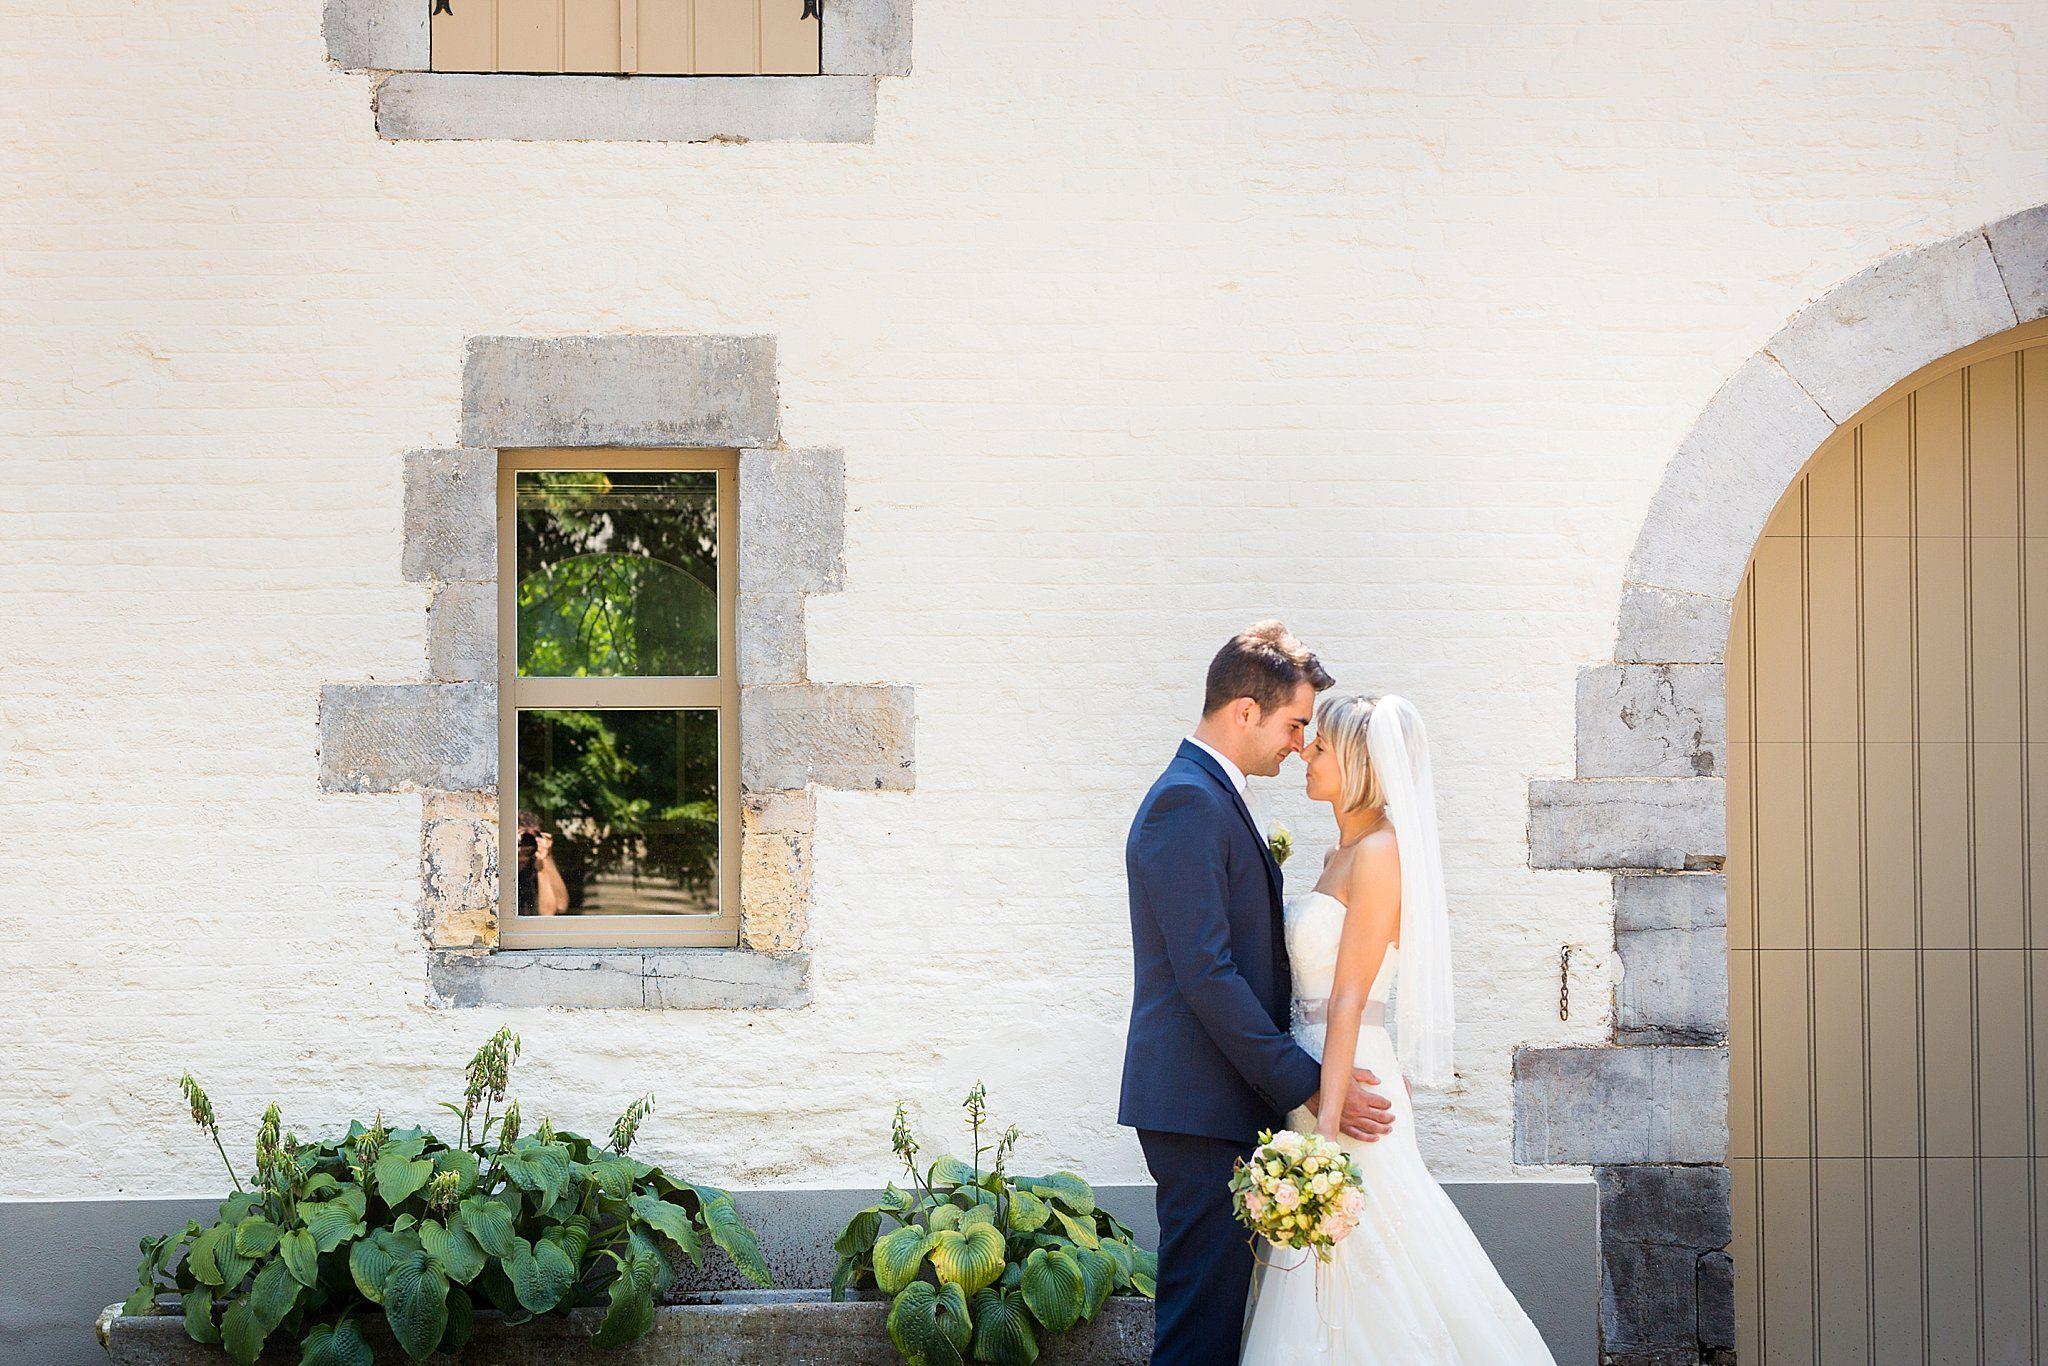 Huwelijk Ils & Gijs in Ter Dolen - Houthalen door huwelijksfotograaf Ronny Wertelaers